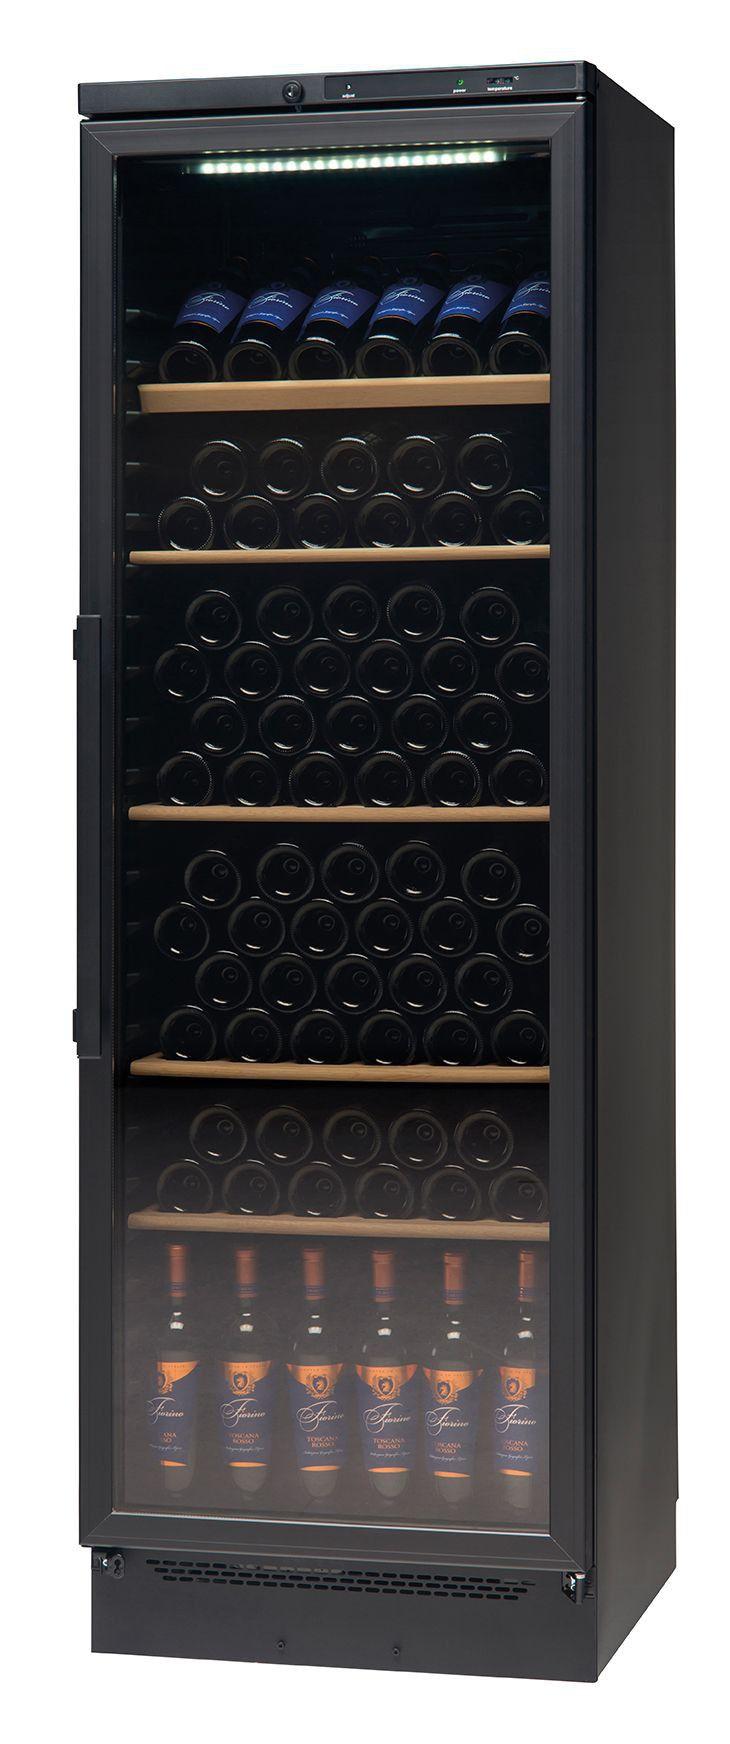 NordCap Weinlagerschrank VKG 571 LED Weinkühlschrank